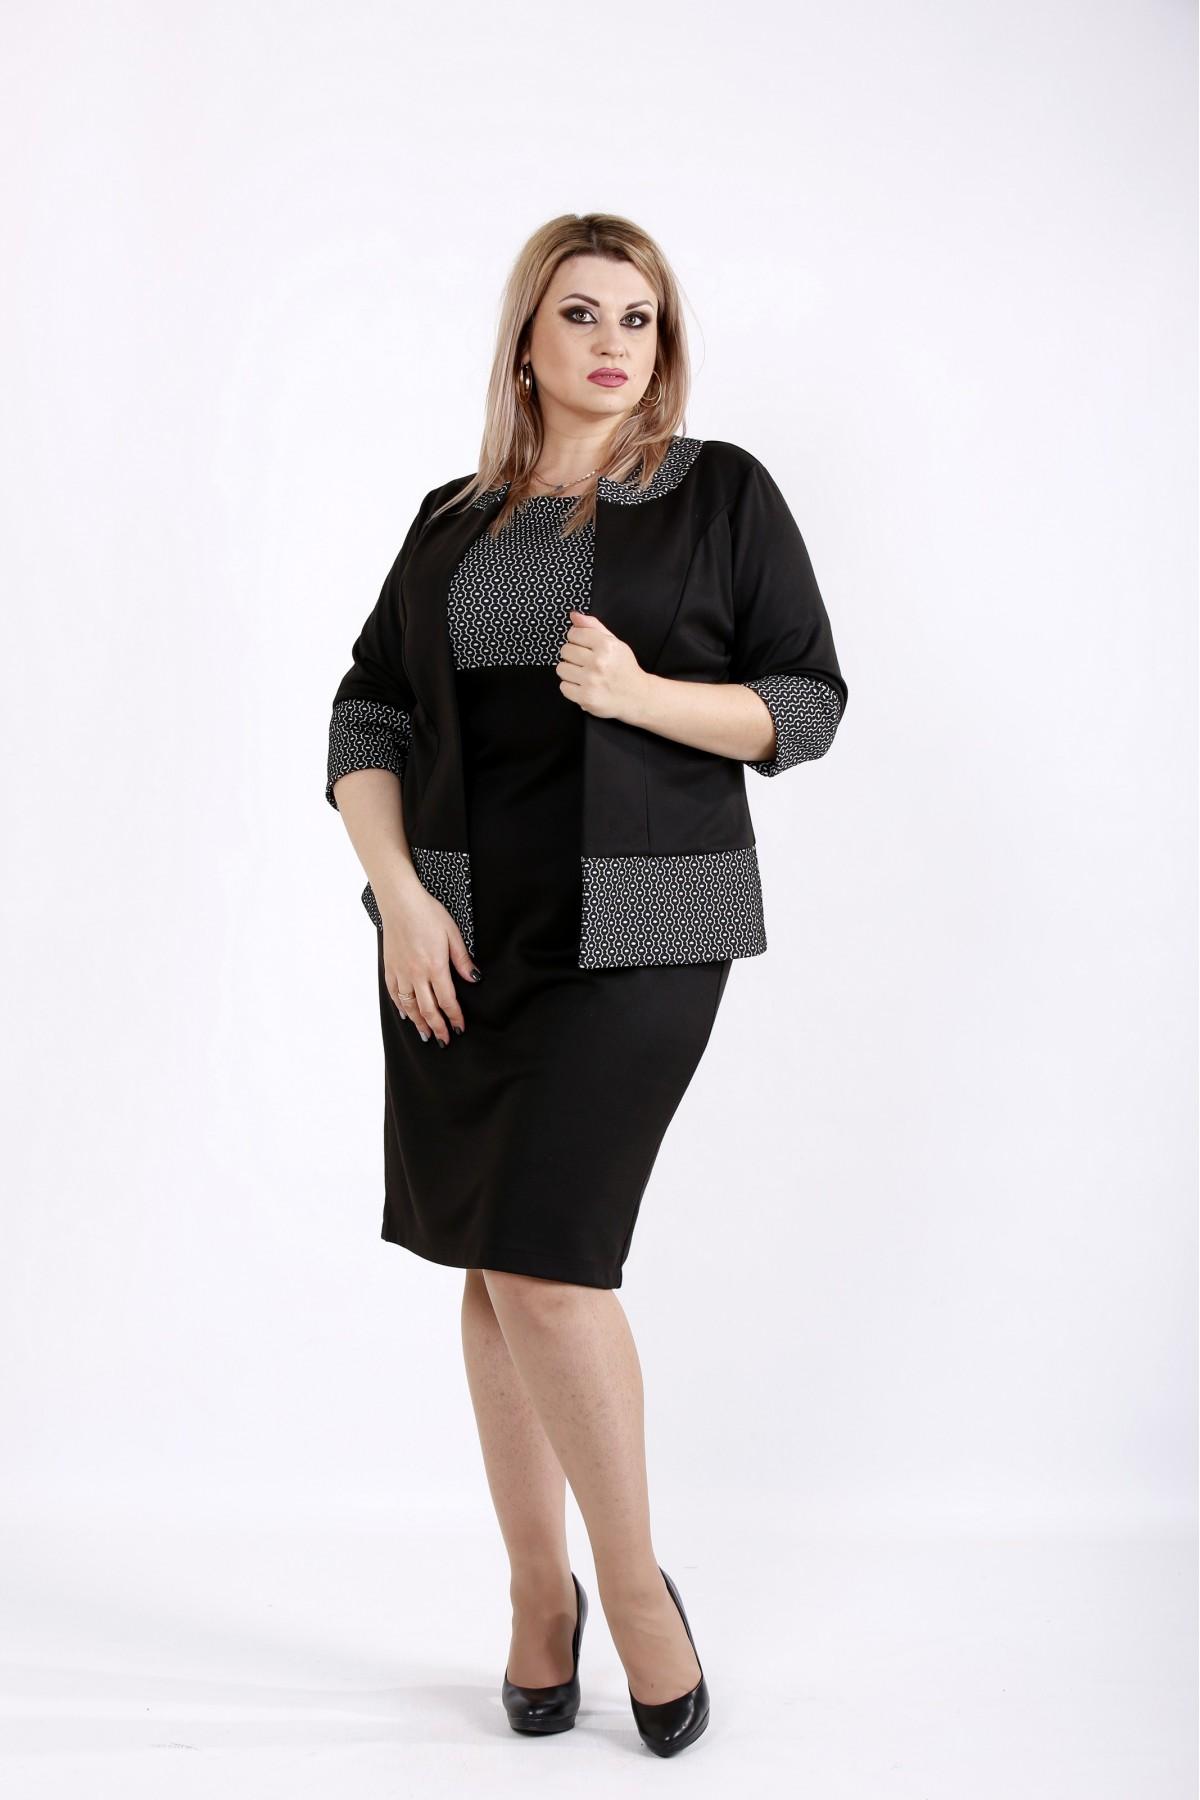 Черный костюм с белым узором | 0941-2